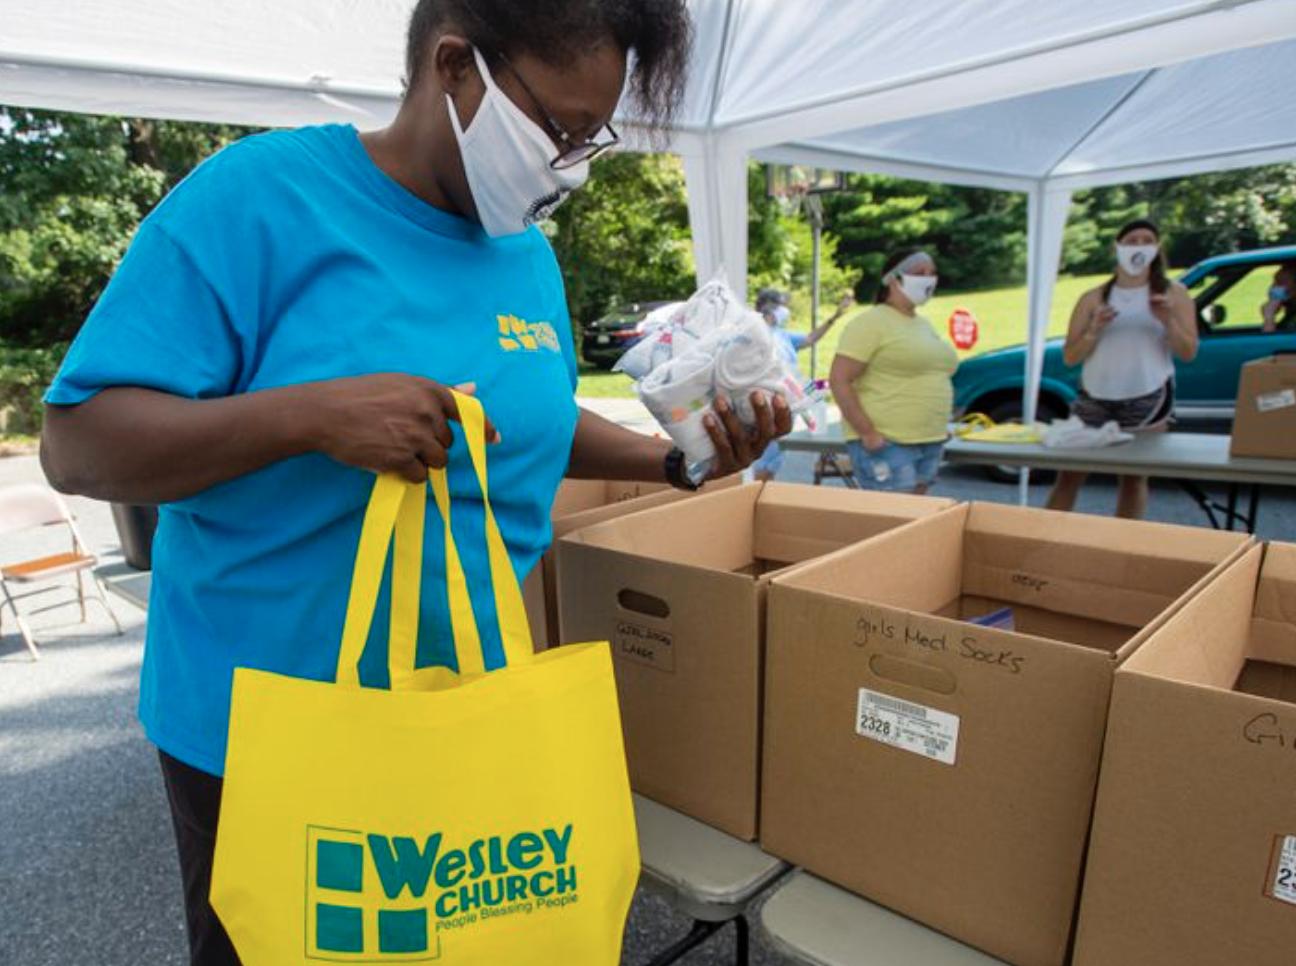 La voluntaria Nicole Lockhart coloca artículos en una bolsa para una familia durante el el día de entrega de morrales de la iglesia Wesley en Bethlehem, realizado el sábado. Foto de April Gamiz, The Morning Call.